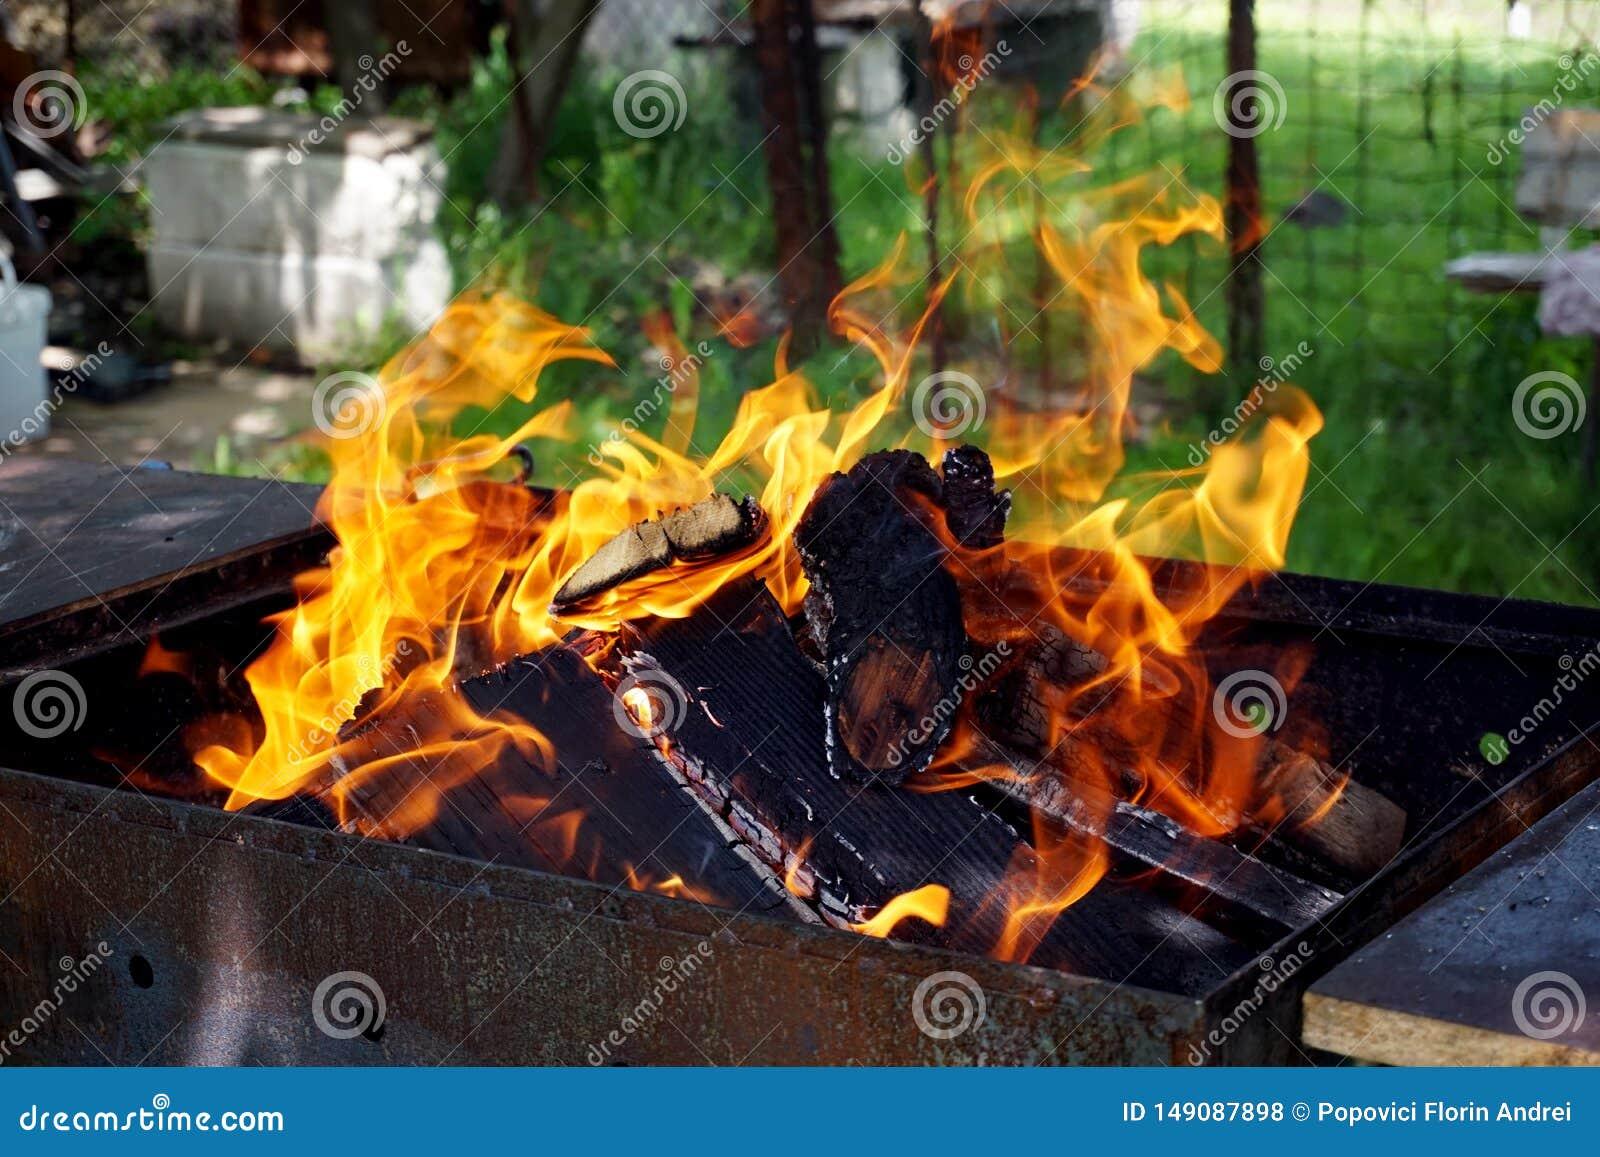 Träbrand för grillfesten i gården